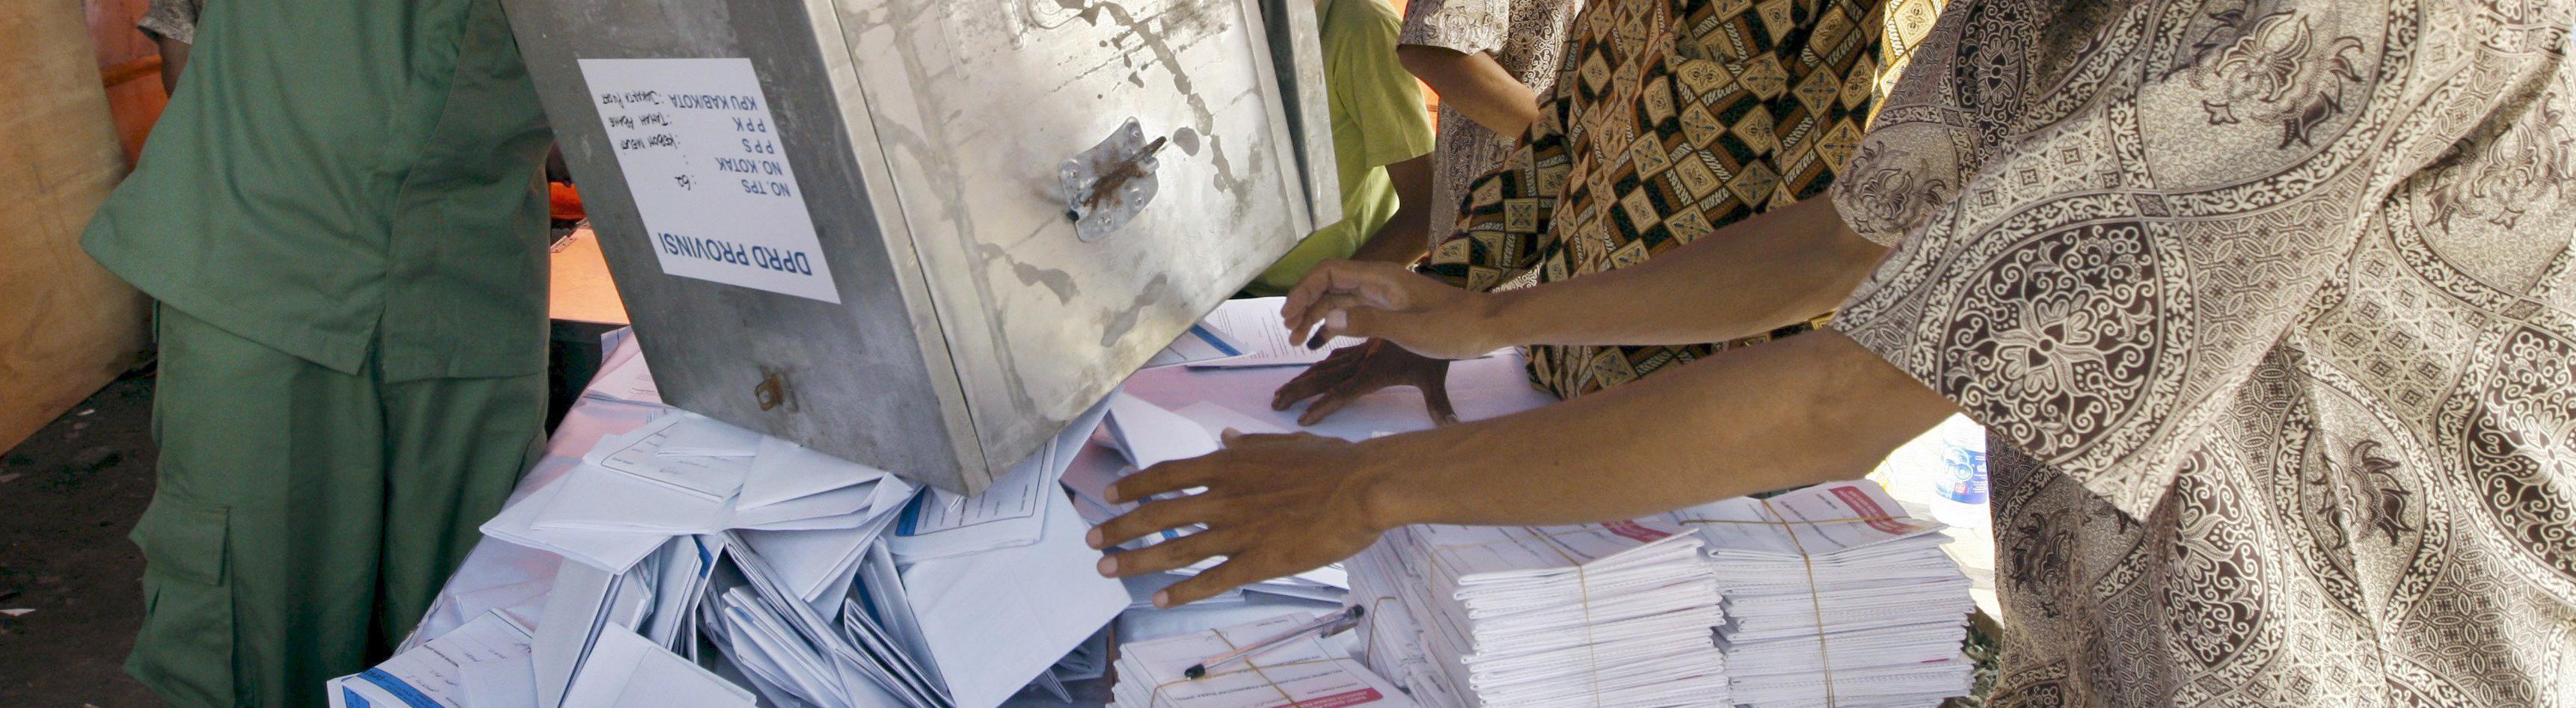 Wahlzettel in Indonesien